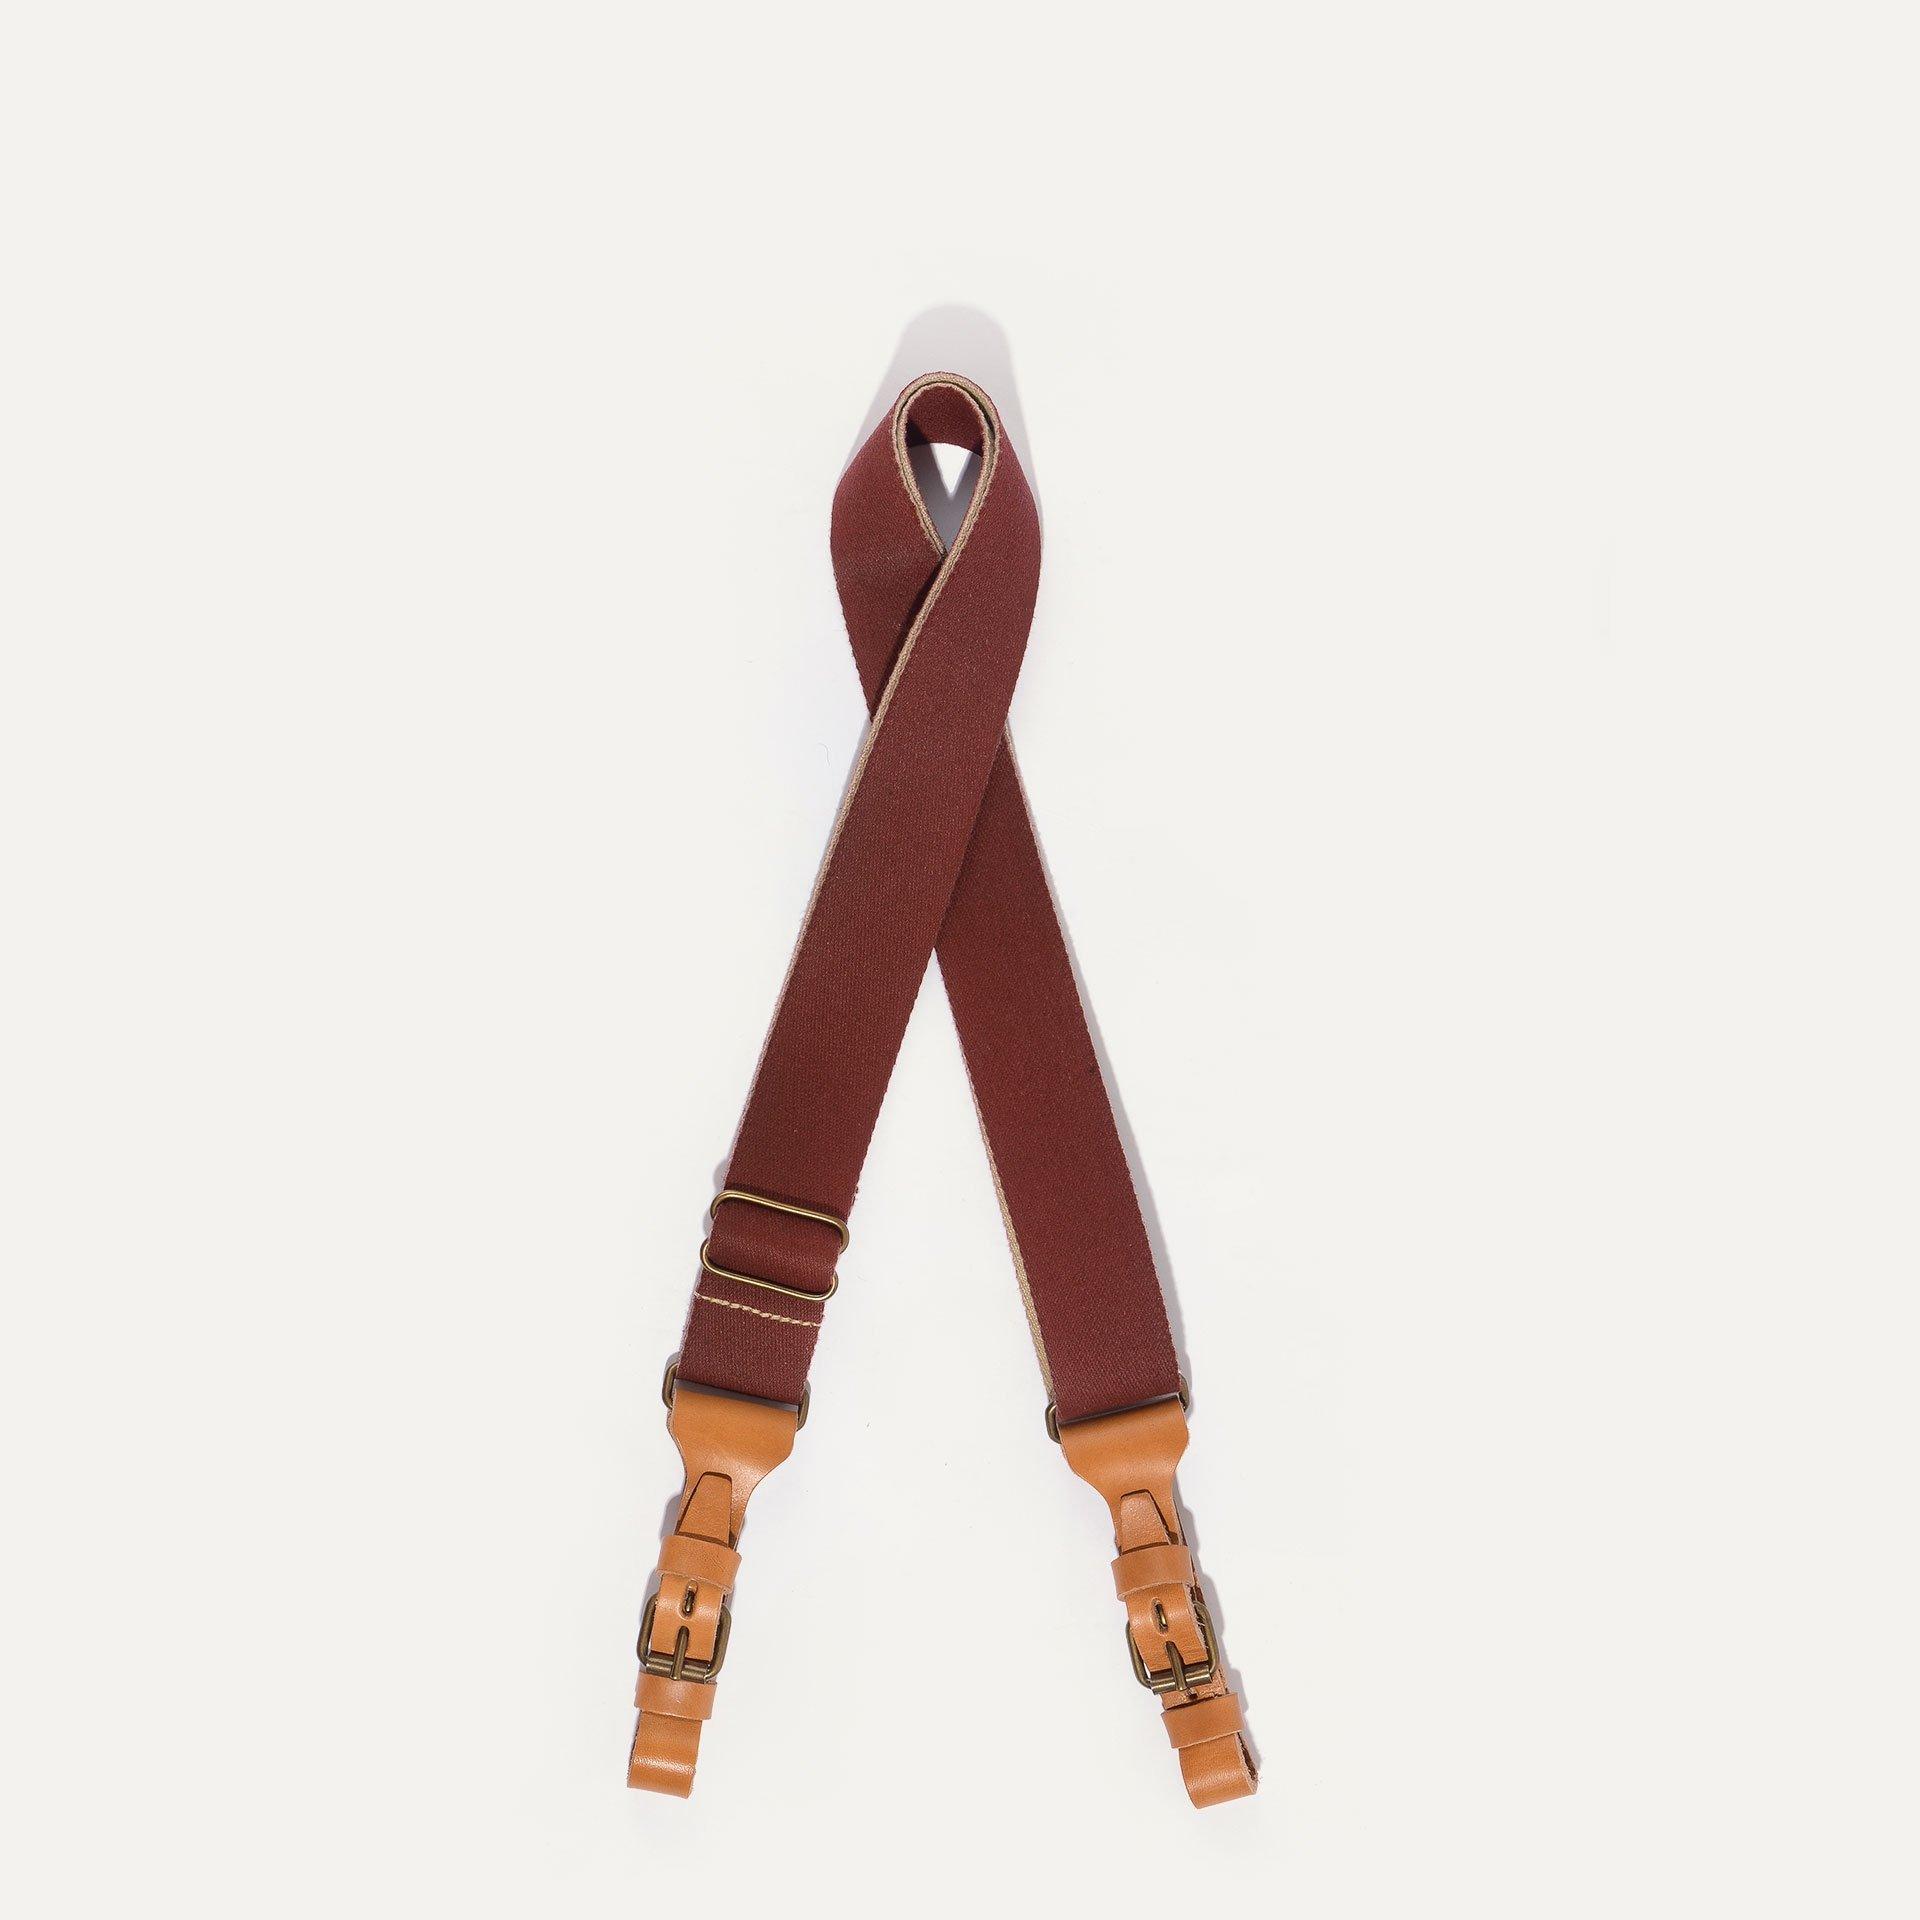 Musette STRIPE shoulder strap - Cardinal red (image n°1)